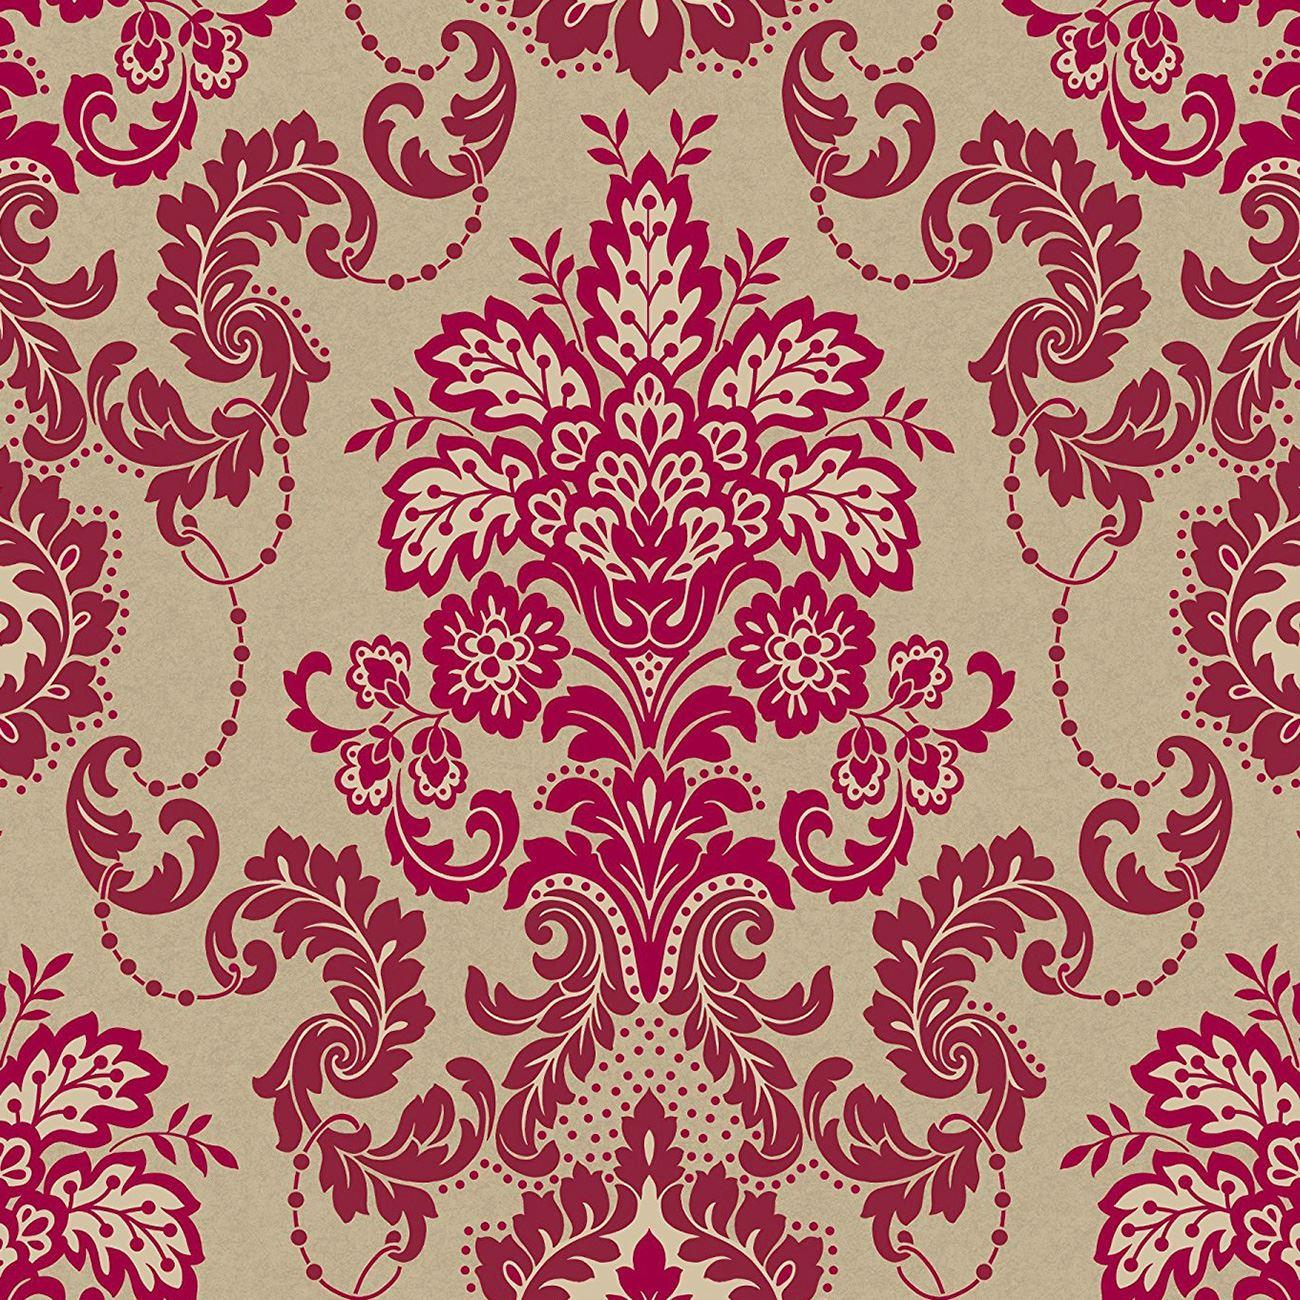 Great Wallpaper High Quality Glitter - 078a3961-466e-4dee-9b8a-675e4125a696  Photograph_939734.jpg